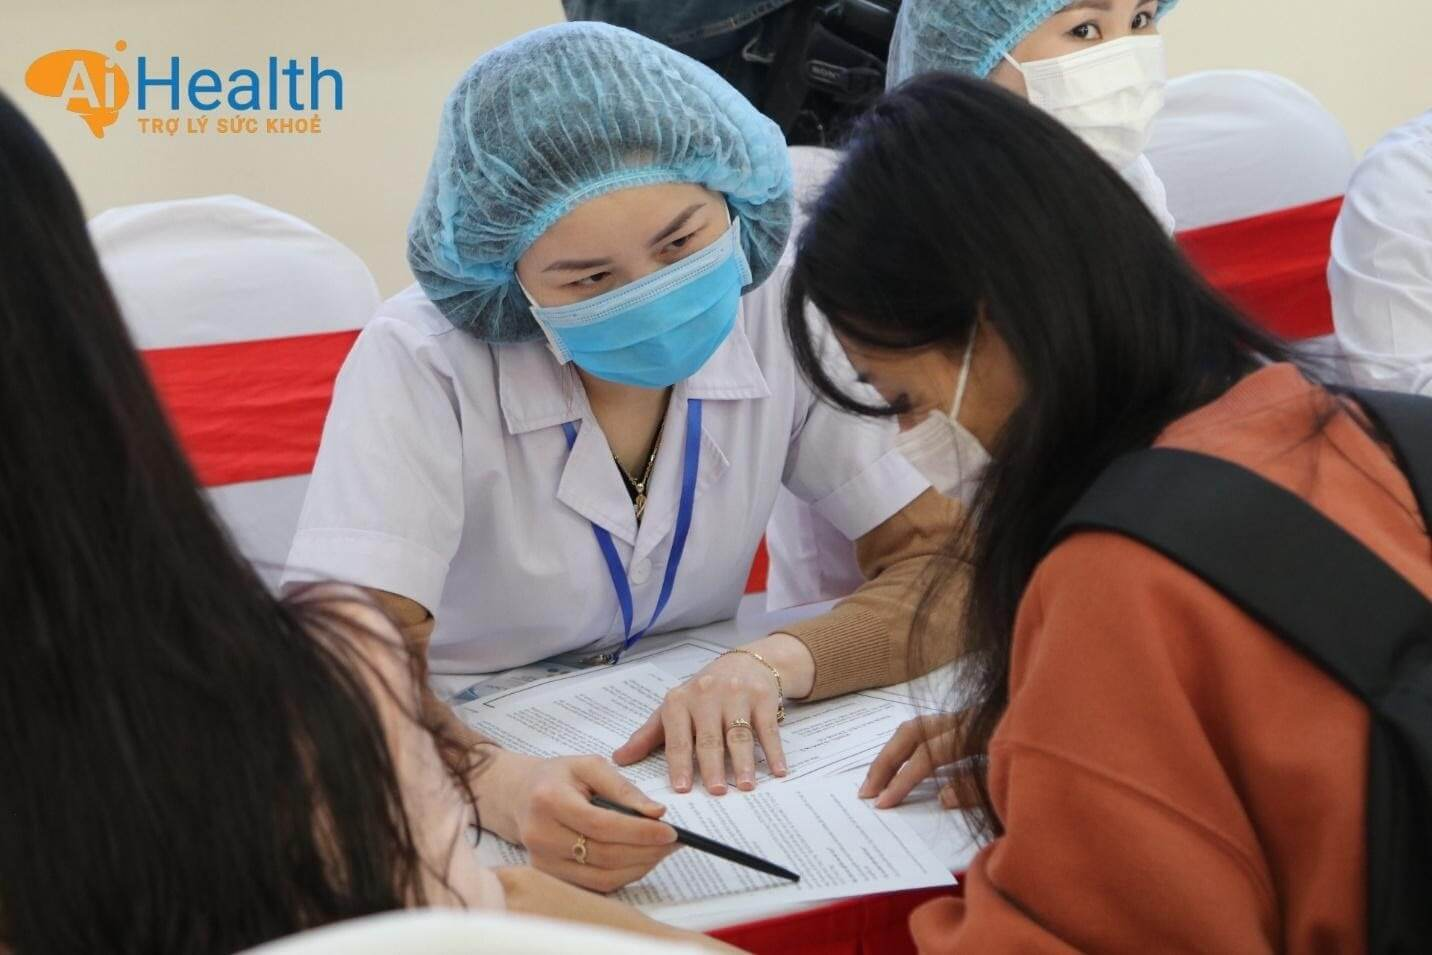 Quy trình đăng ký tiêm vắc xin Covid-19.